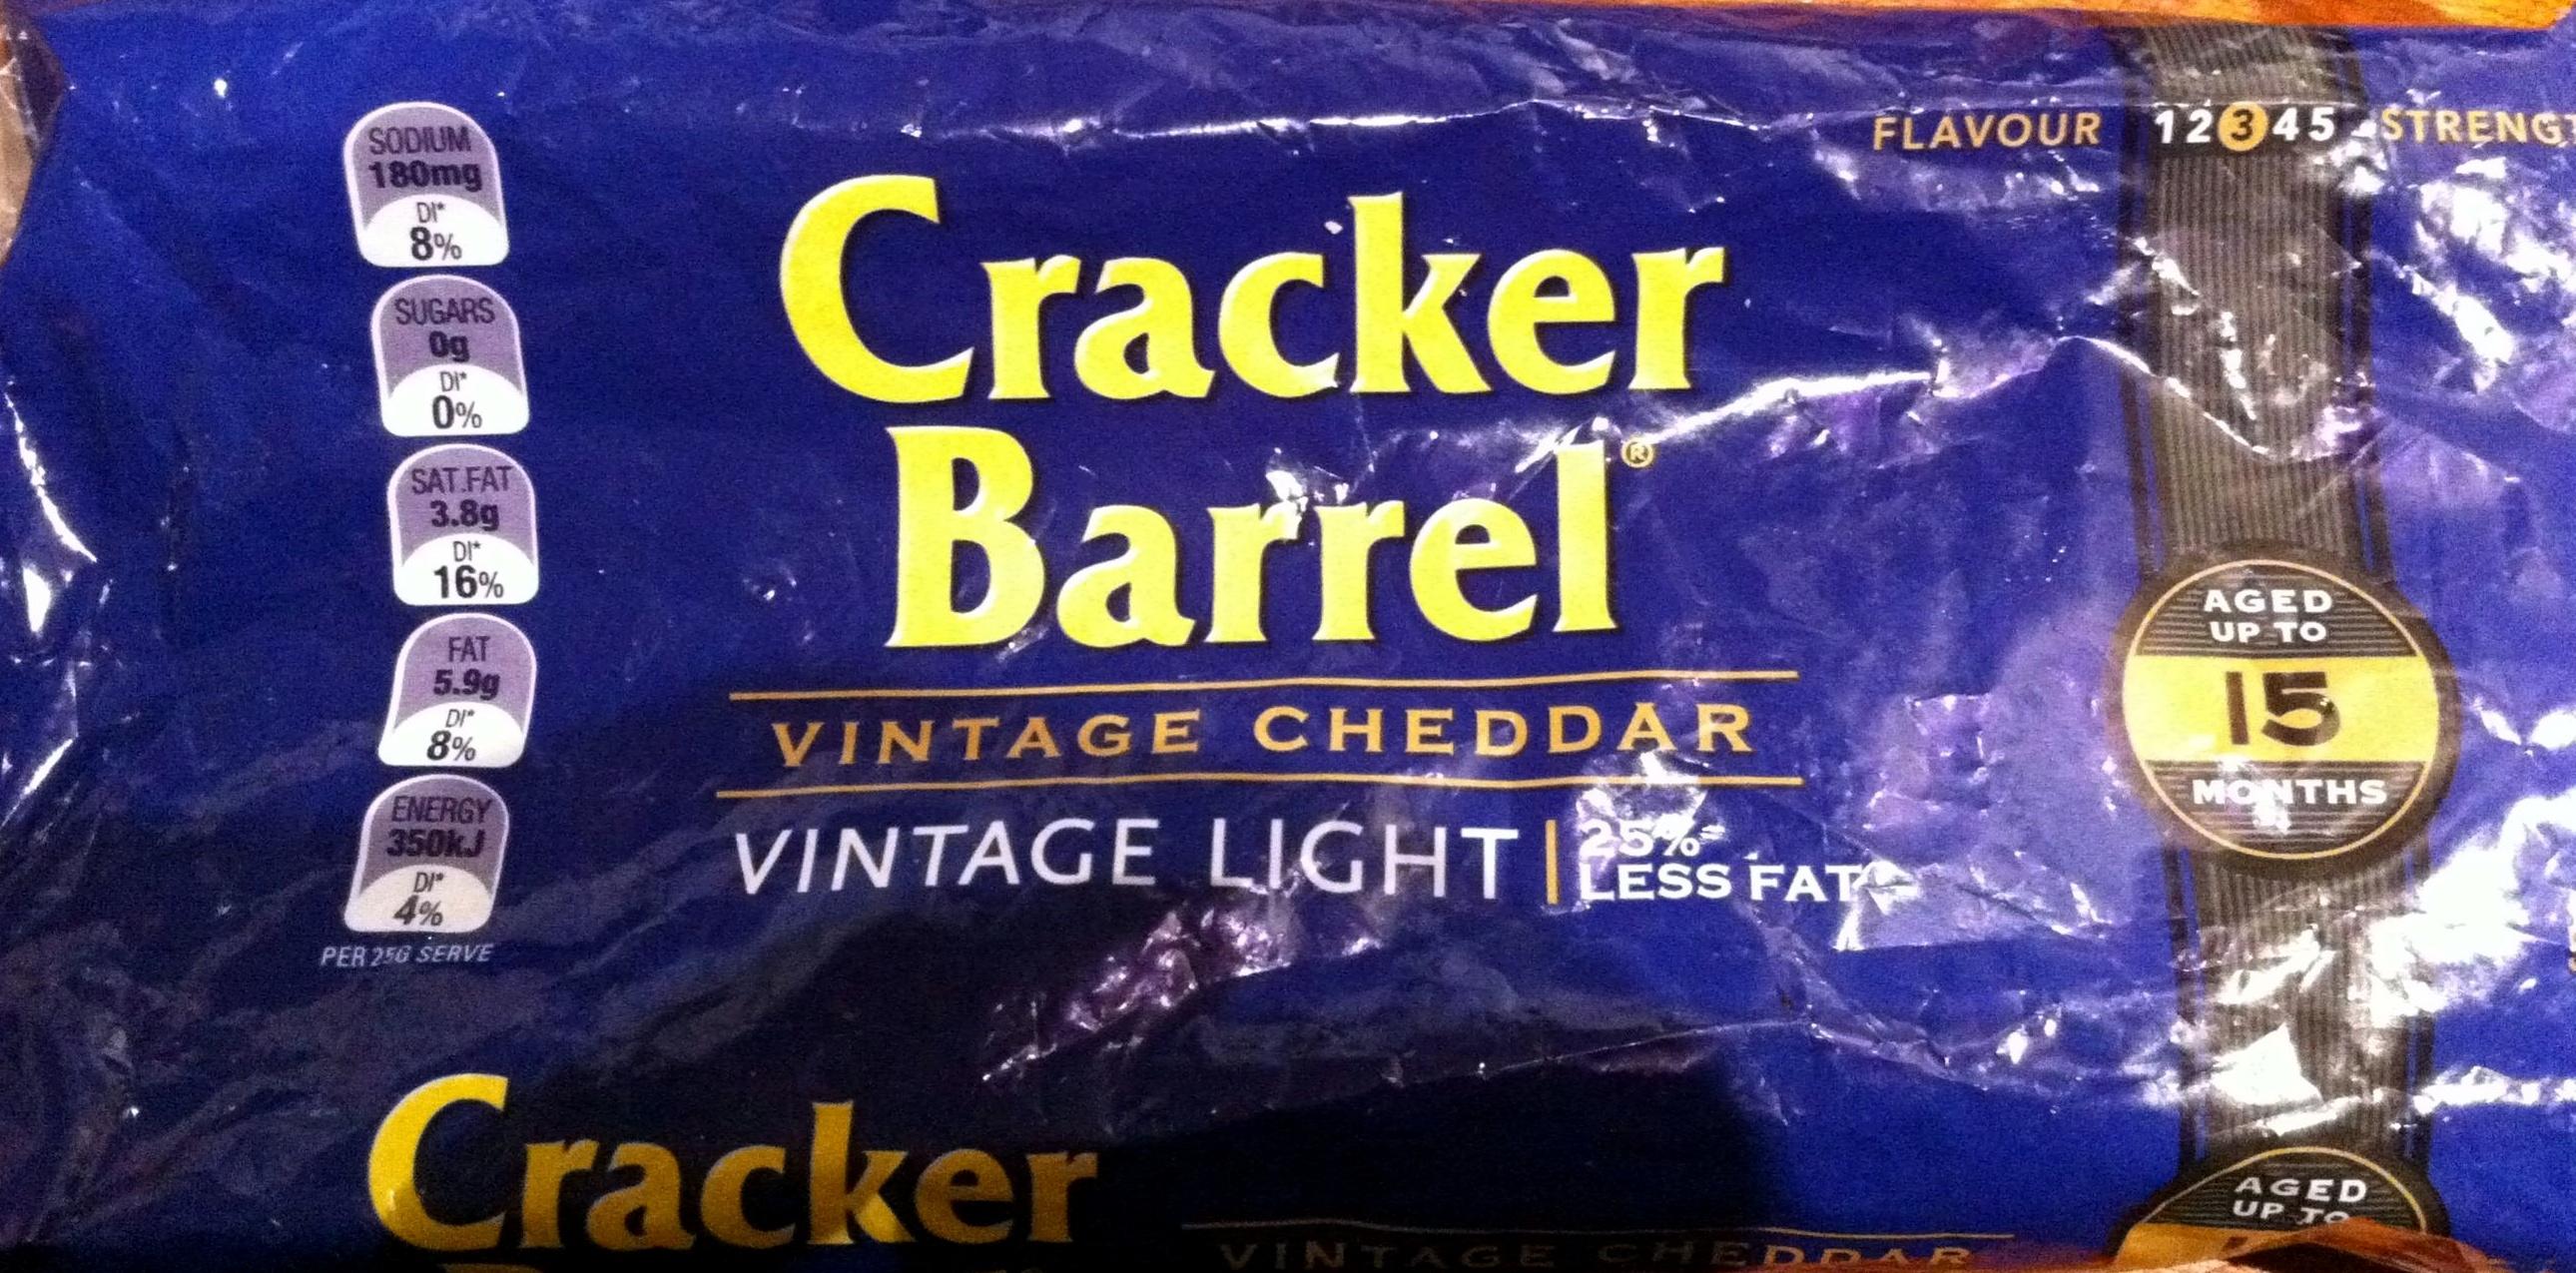 Vintage Light Cheddar - Product - en